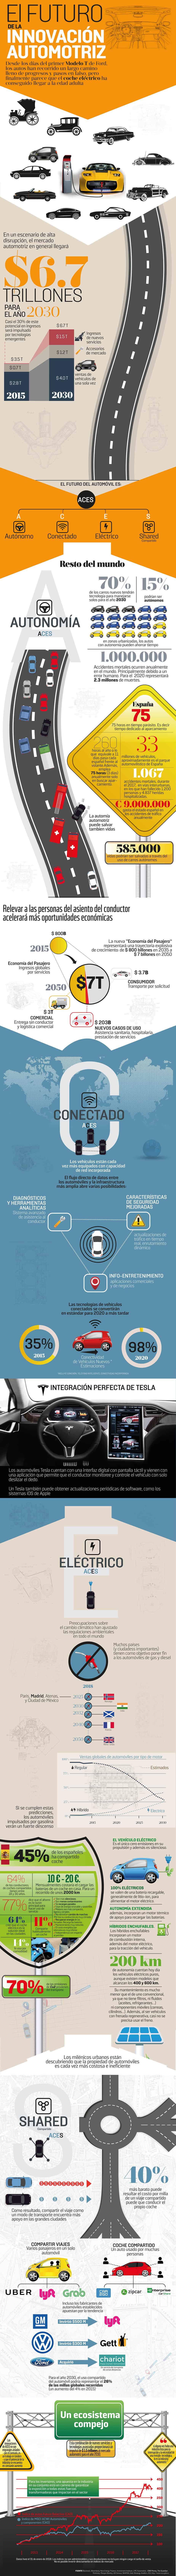 El futuro de la innovación automotriz, infografía